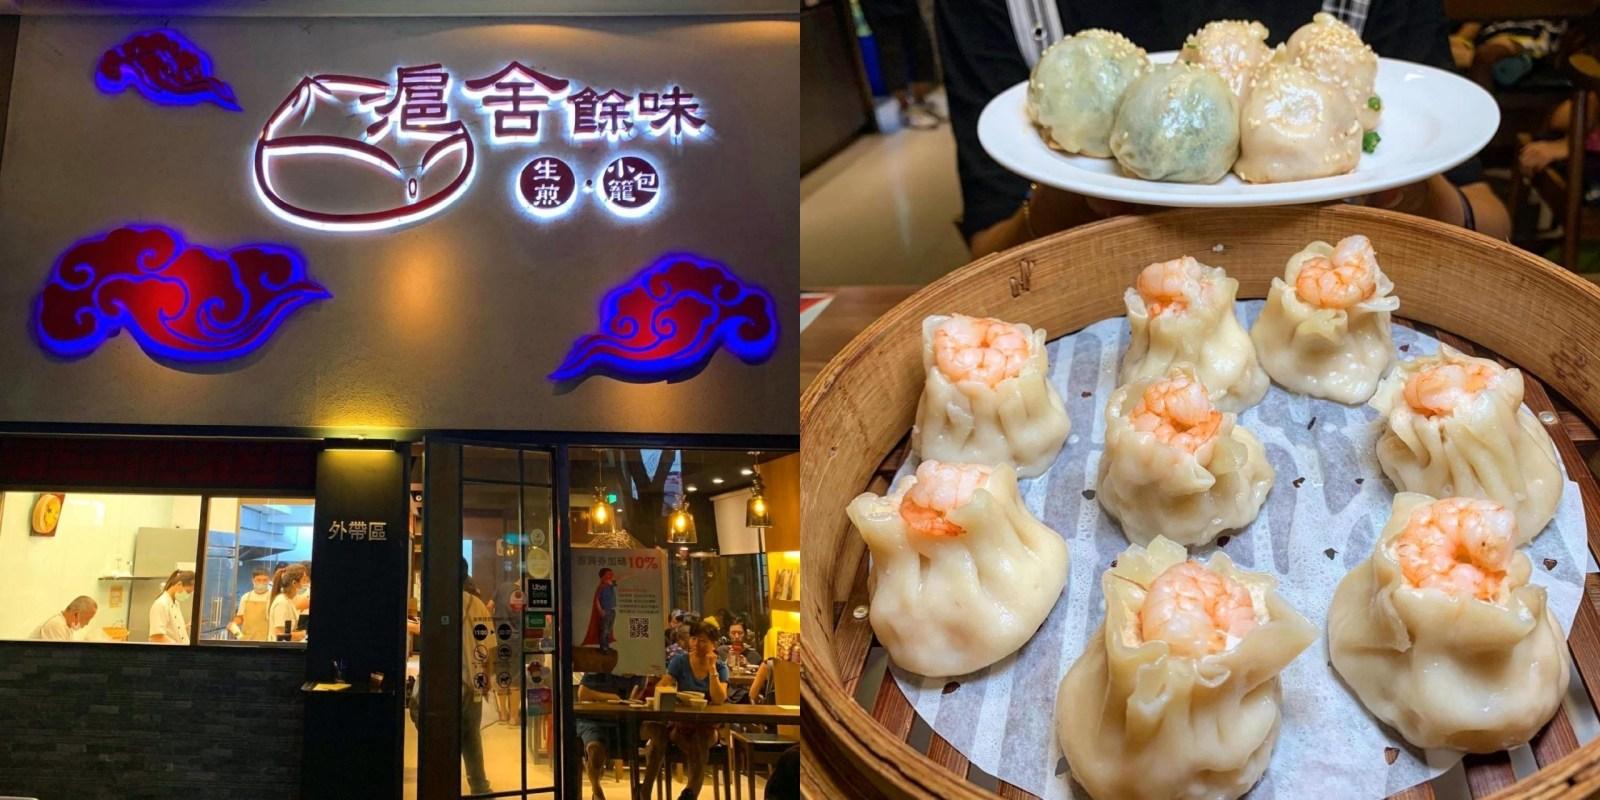 [台中美食] 滬舍餘味餐館 - 2020台中米其林必比登推薦的上海點心店!